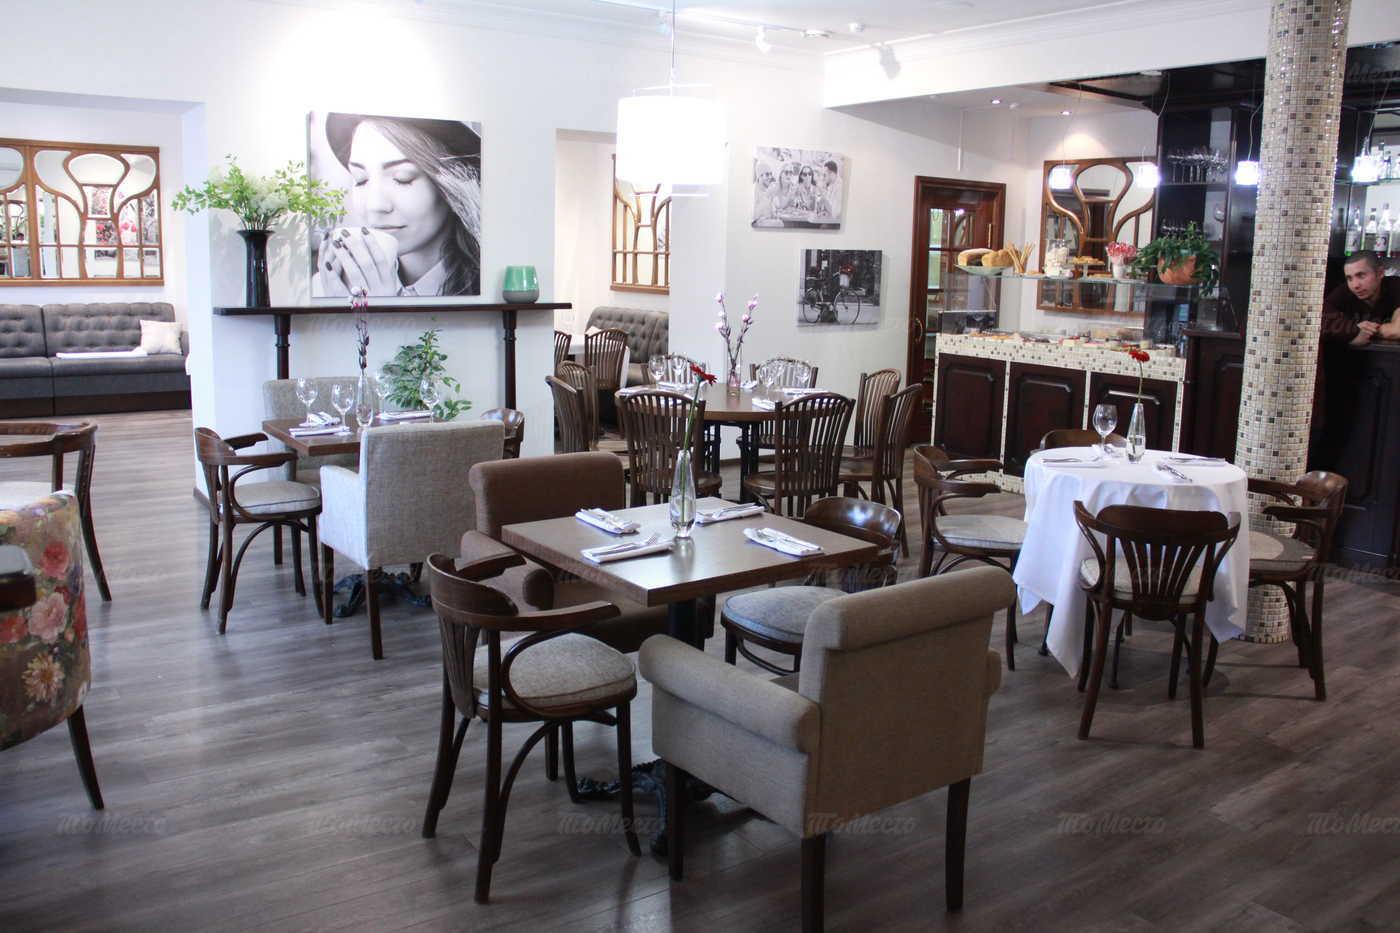 Меню кафе, ресторана Здесь & Сейчас на Ленинградском проспекте